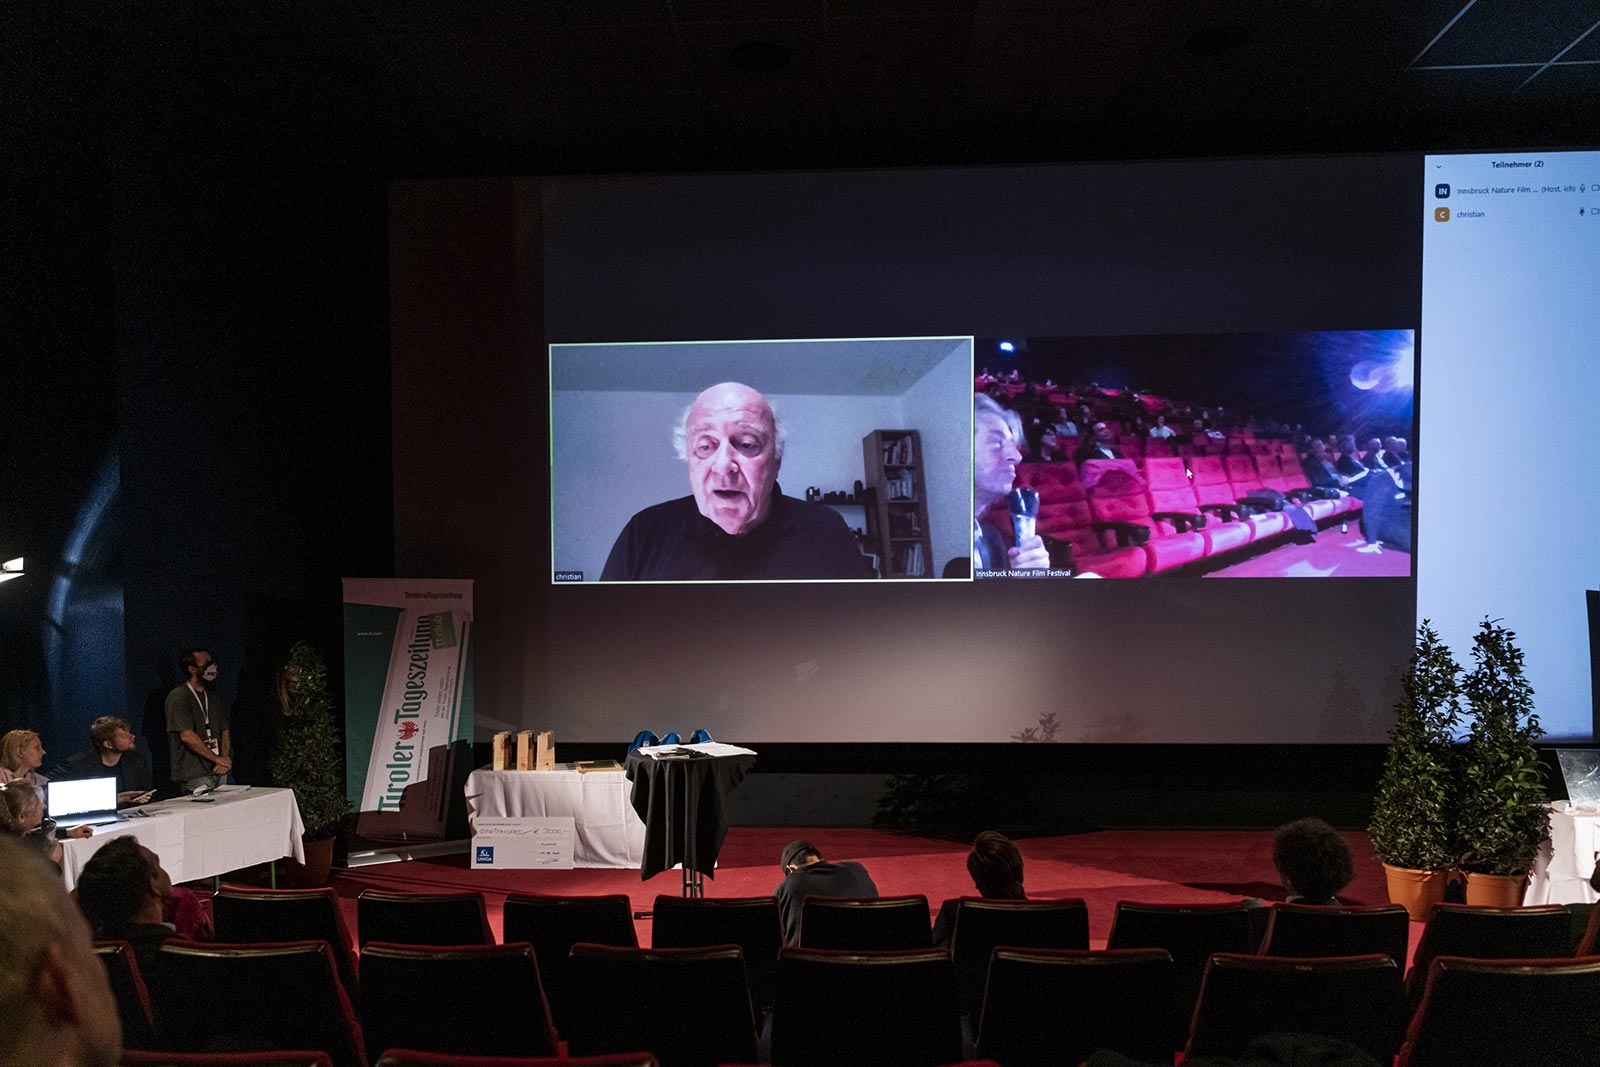 INF_Award-Speech-best-cinematography-Christian Berger